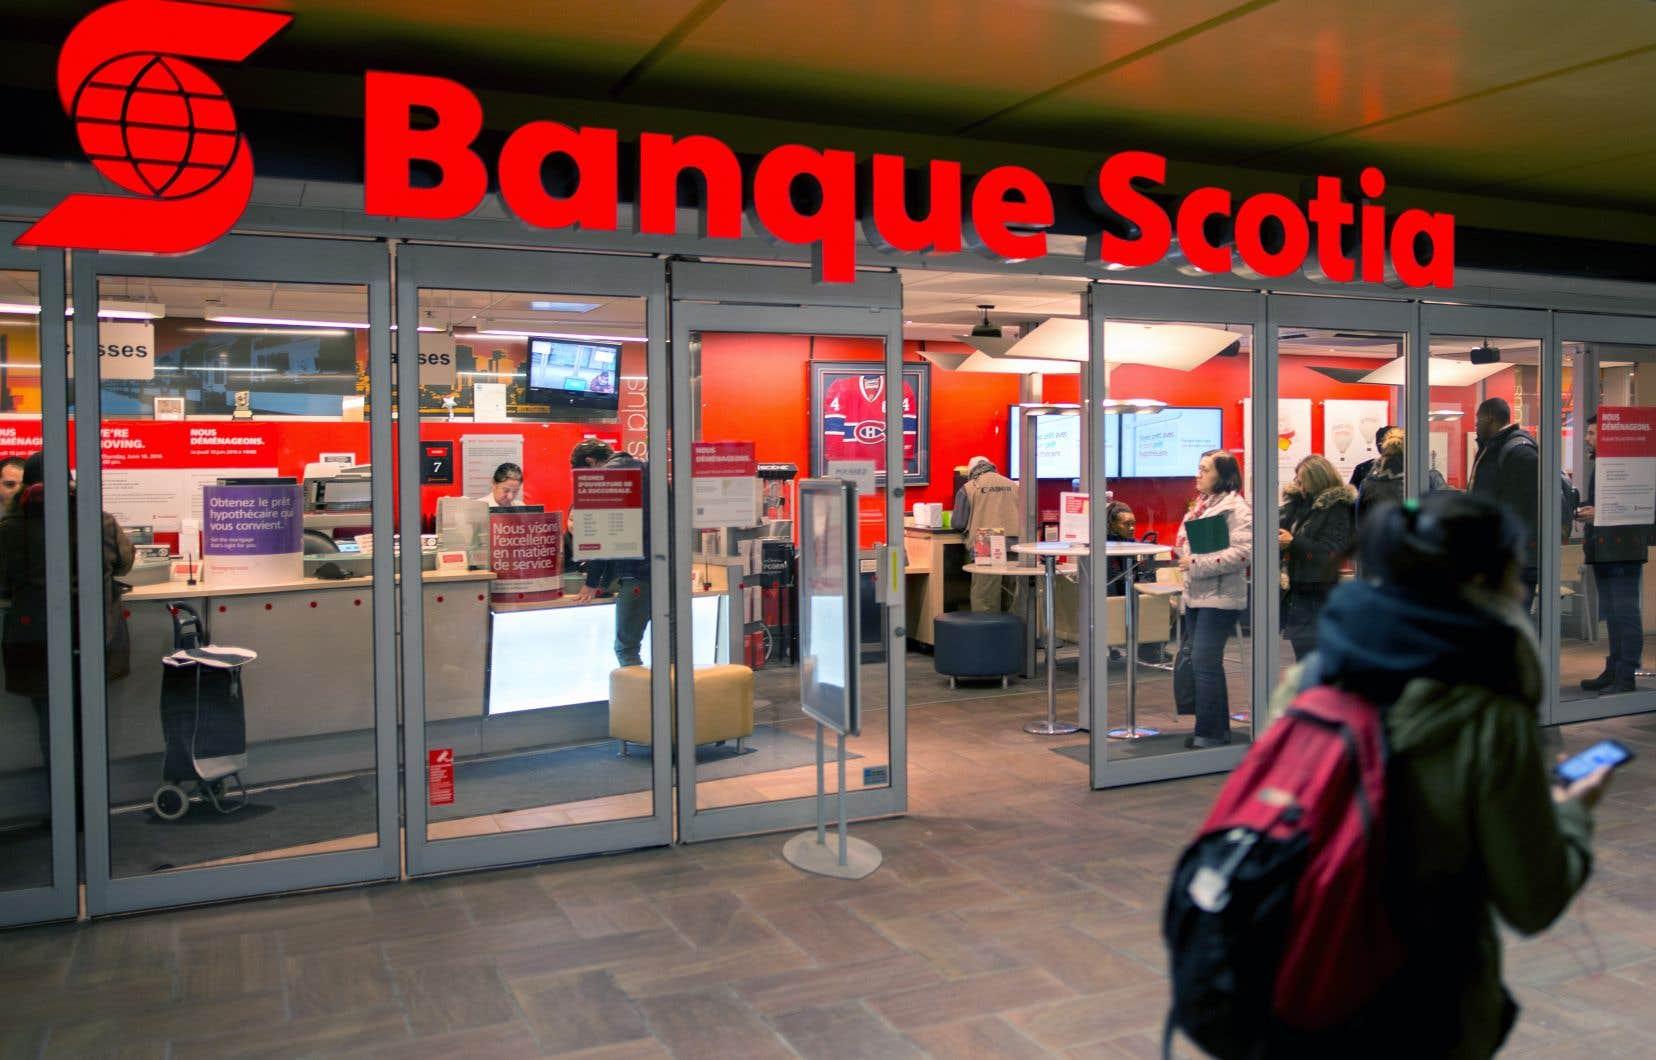 Le bénéfice net de la Scotia s'est élevé à 2,07 milliards pour son quatrième trimestre clos le 31 octobre.